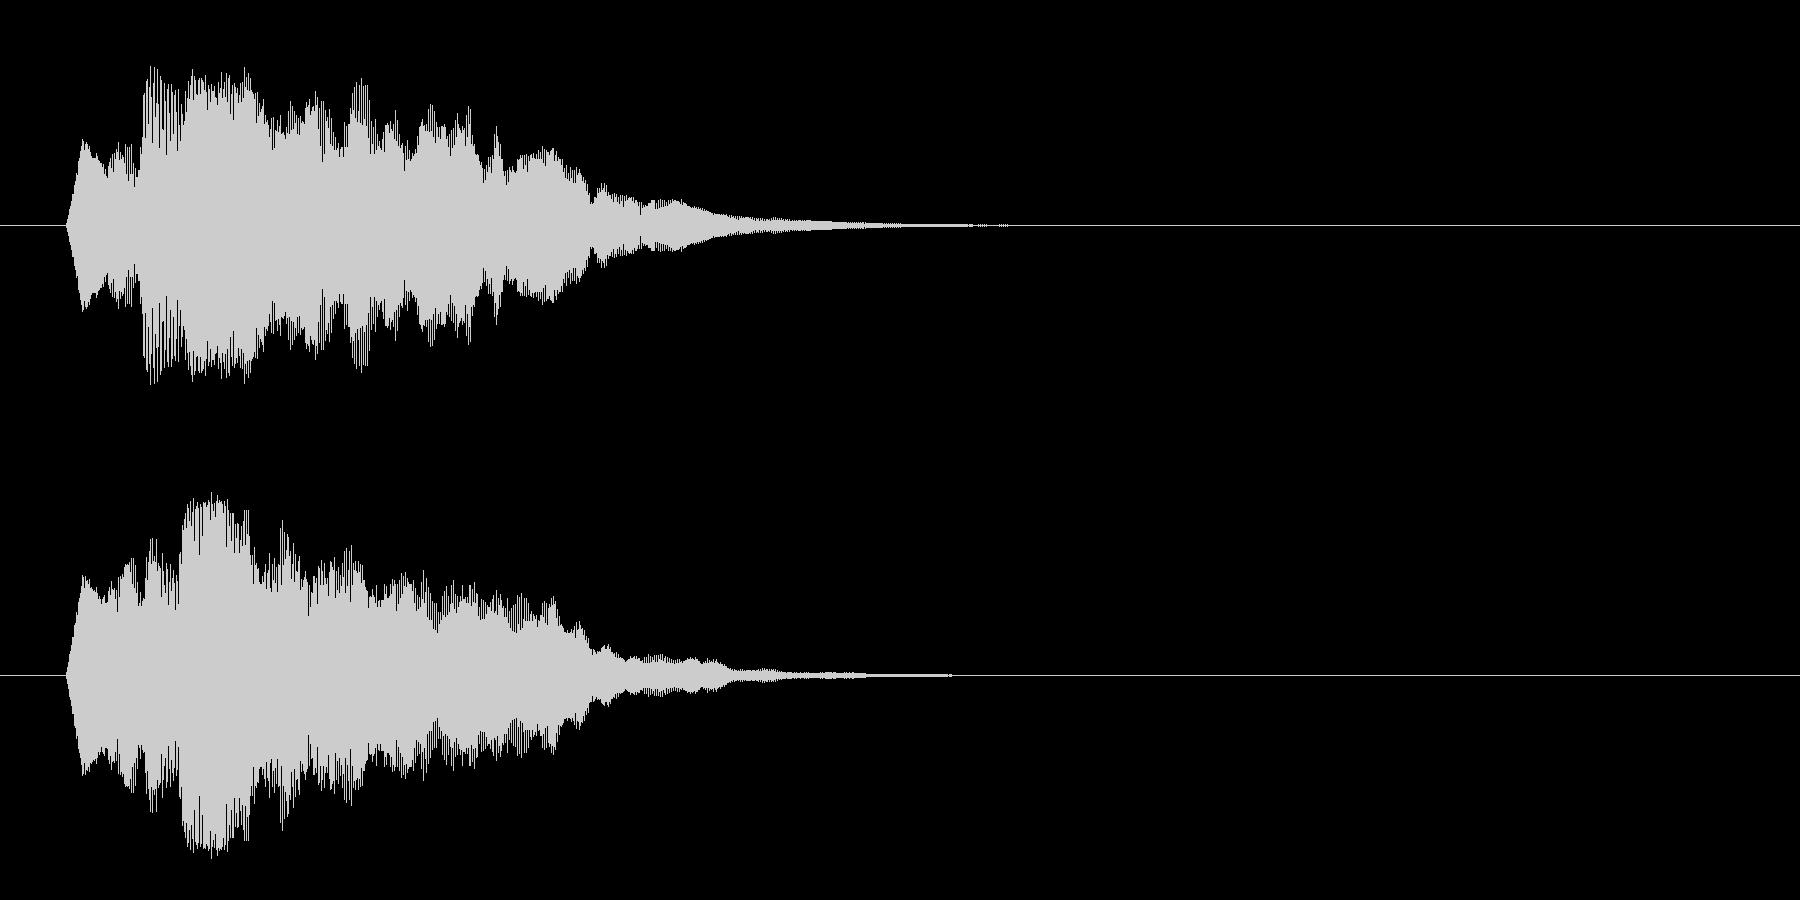 ジングル/環境(清涼/場面転換)の未再生の波形